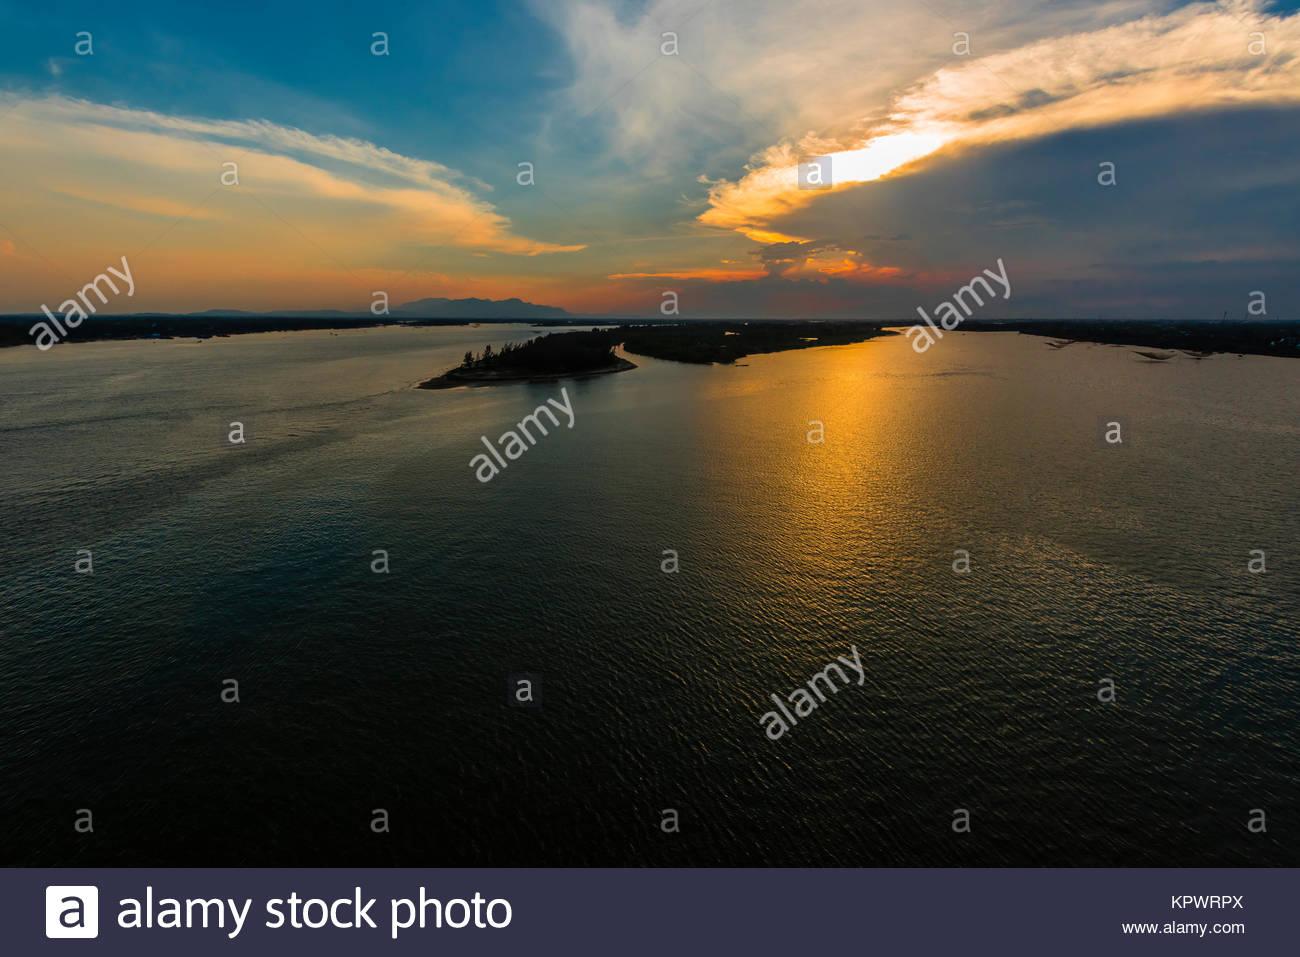 La rivière Thu Bon, près de Hoi An, Vietnam. Photo Stock